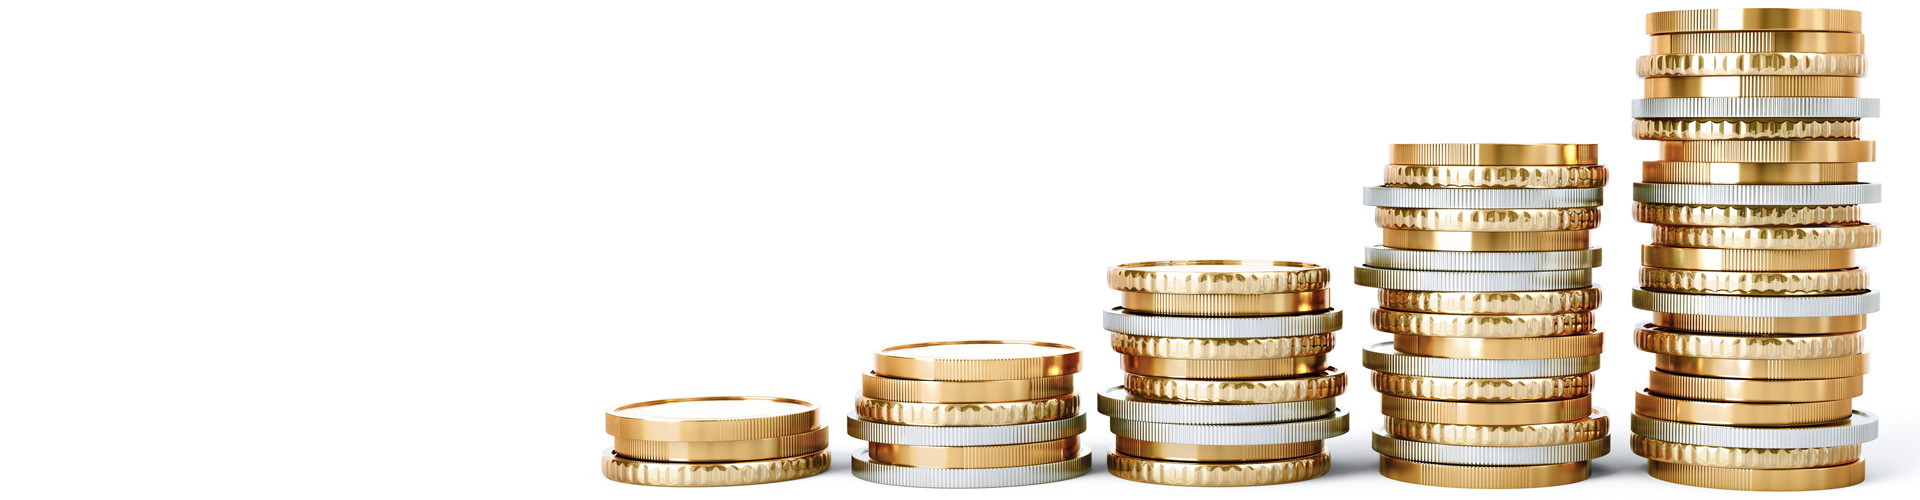 Fünf Münzstapel liegen vor weißem Hintergrund nebeneinander, sie werden nach rechts hin höher. © electriceye, stock.adobe.com